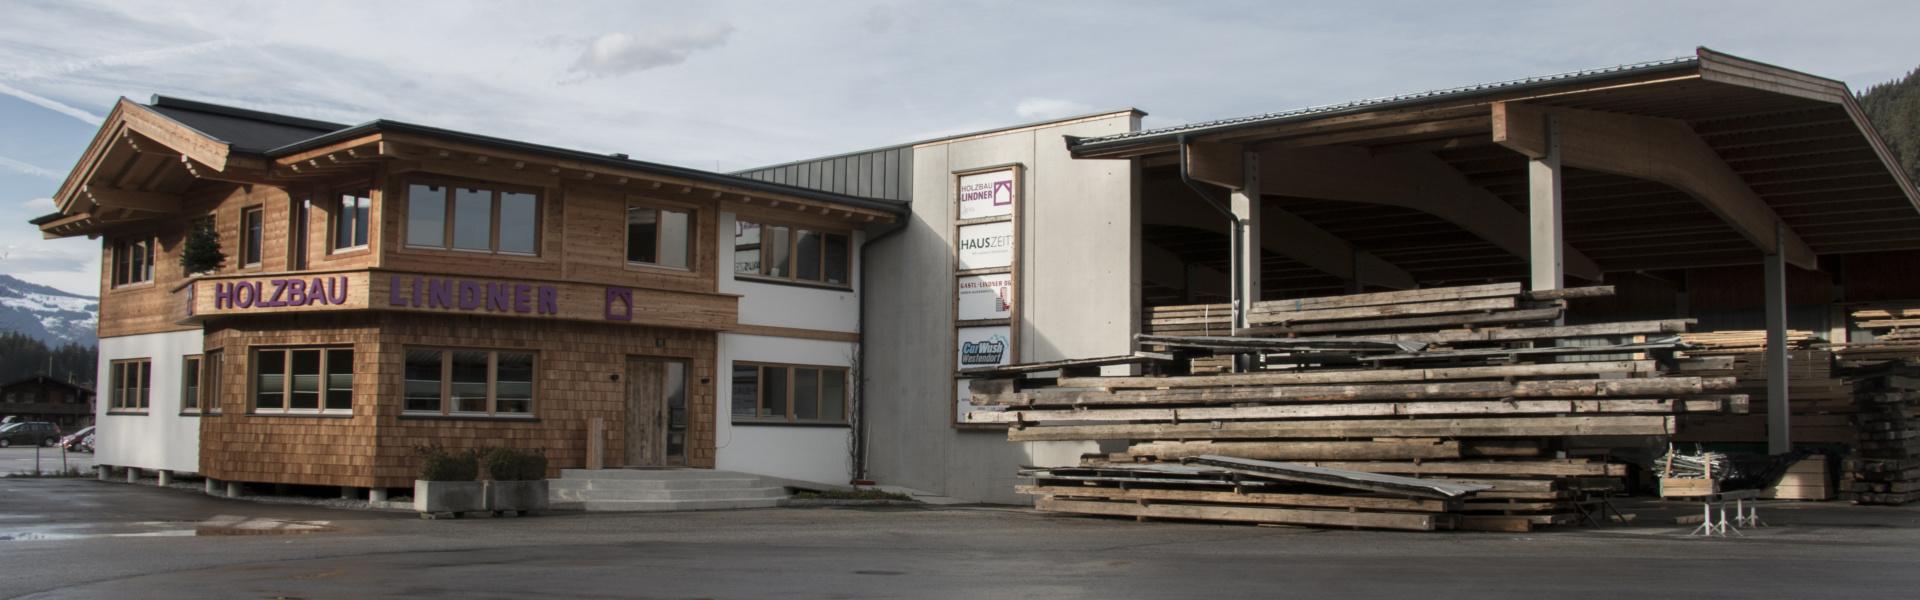 Holzbau Lindner GmbH